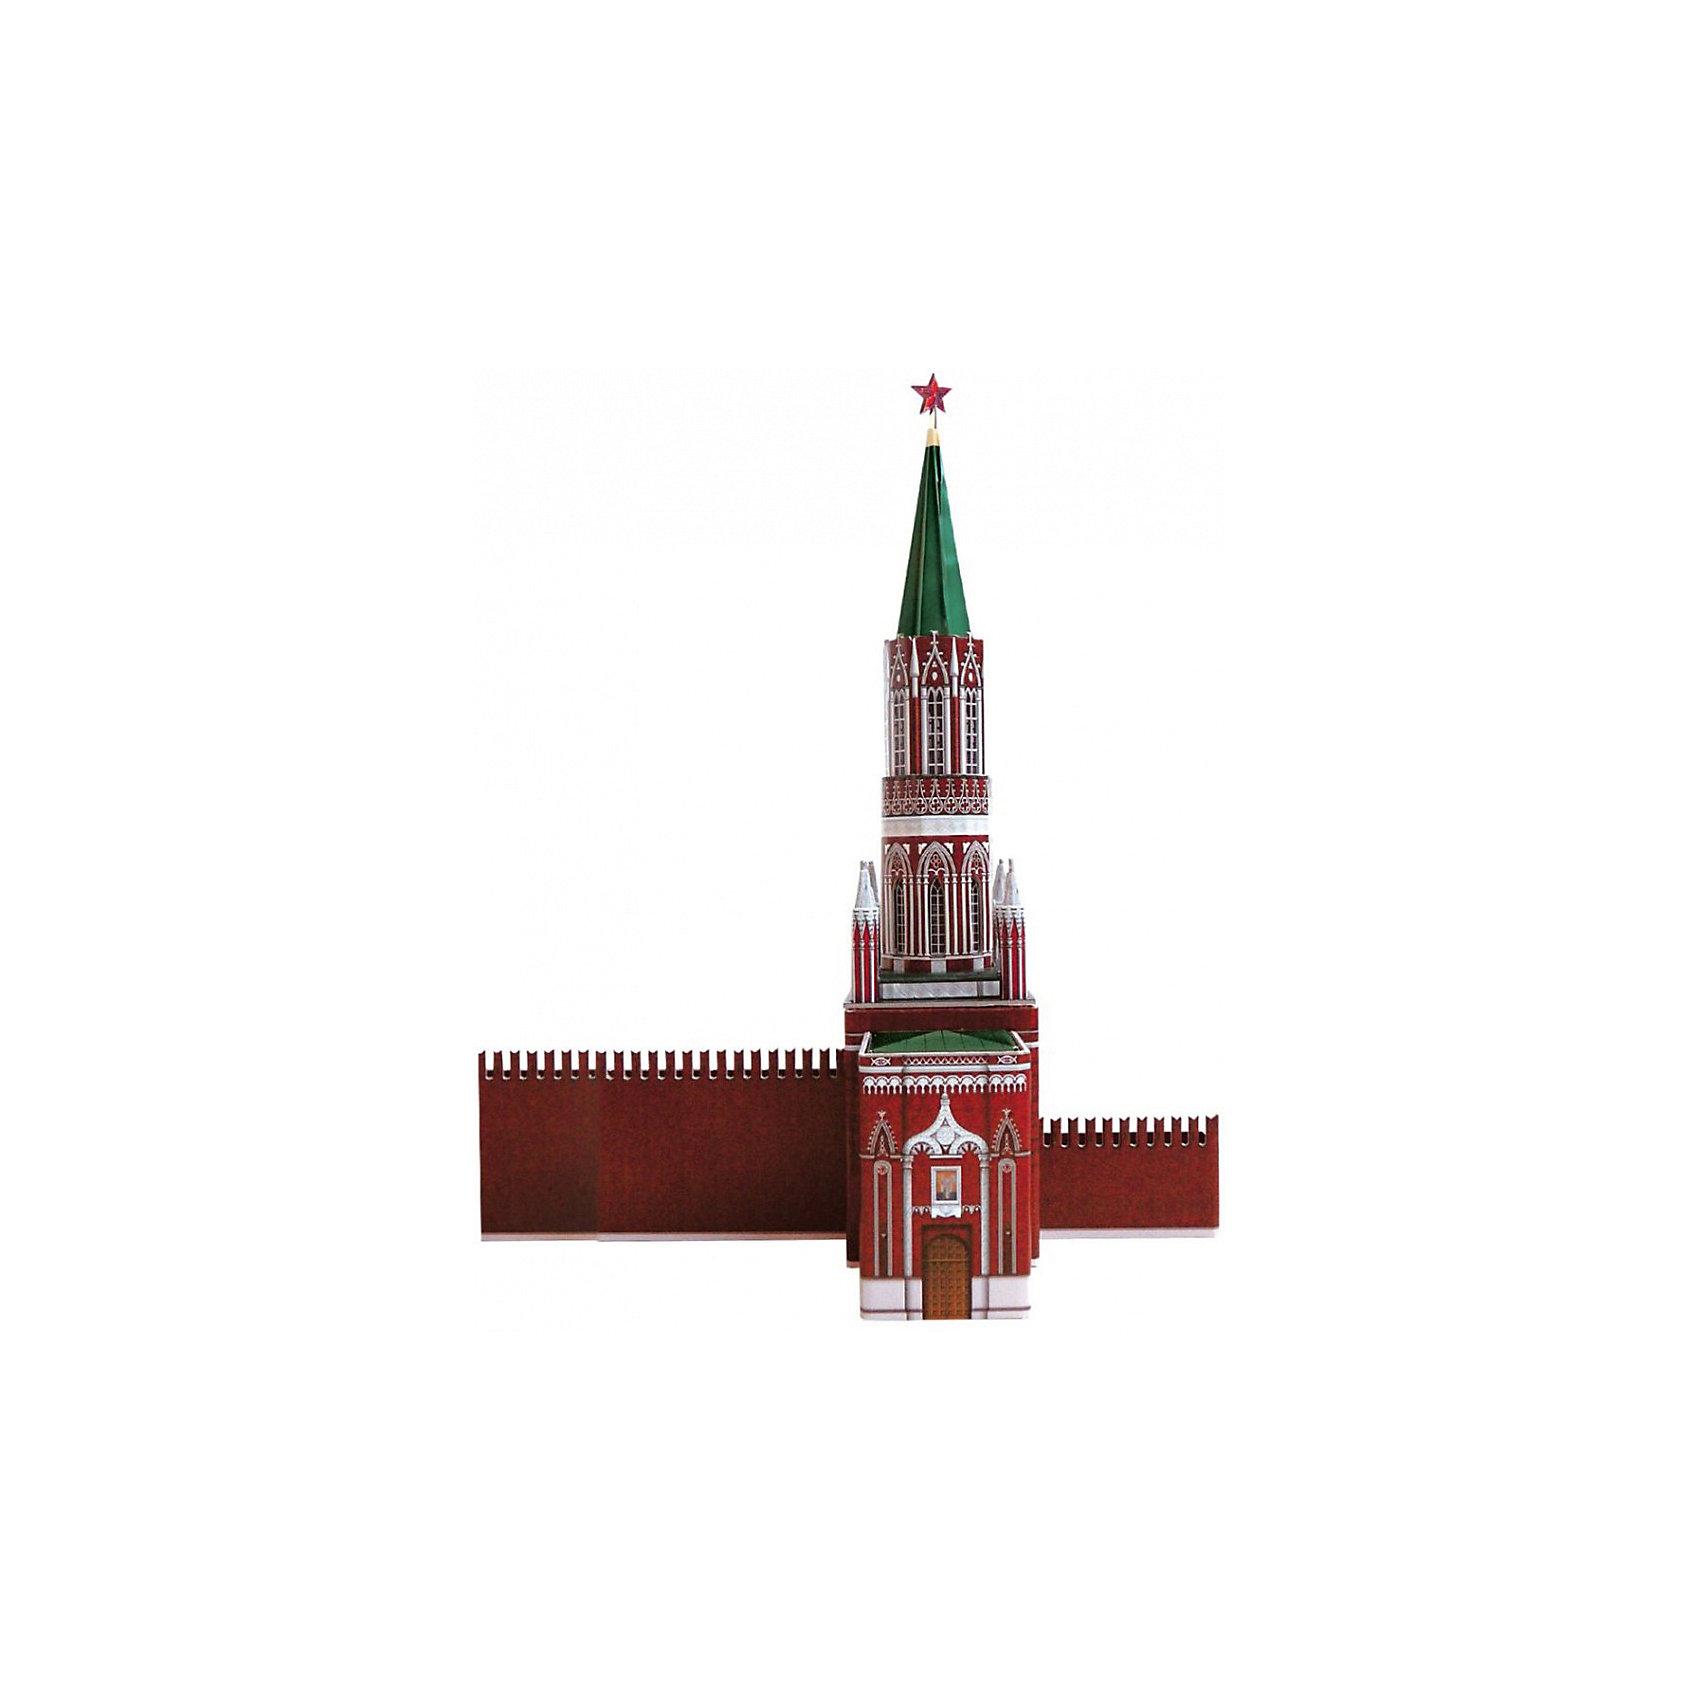 Сборная модель Никольская башняМодели из картона и бумаги<br>Никольская башня - cборная модель из картона. Количество деталей, шт: 23. Размер в собранном виде, см: 22 x 11 x 30. Размер упаковки, мм.:  высота 264 ширина 180 глубина 19. Тип упаковки: Картонная коробка. Вес, гр.: 242. Возраст: от 7 лет. Все модели и игрушки, созданные по технологии УМНАЯ БУМАГА собираются без ножниц и клея, что является их неповторимой особенностью.<br>Принцип соединения деталей запатентован. Соединения деталей продуманы и просчитаны с такой точностью, что при правильной сборке с моделью можно играть, как с обычной игрушкой.<br><br>Ширина мм: 180<br>Глубина мм: 19<br>Высота мм: 264<br>Вес г: 242<br>Возраст от месяцев: 84<br>Возраст до месяцев: 2147483647<br>Пол: Унисекс<br>Возраст: Детский<br>SKU: 4807401